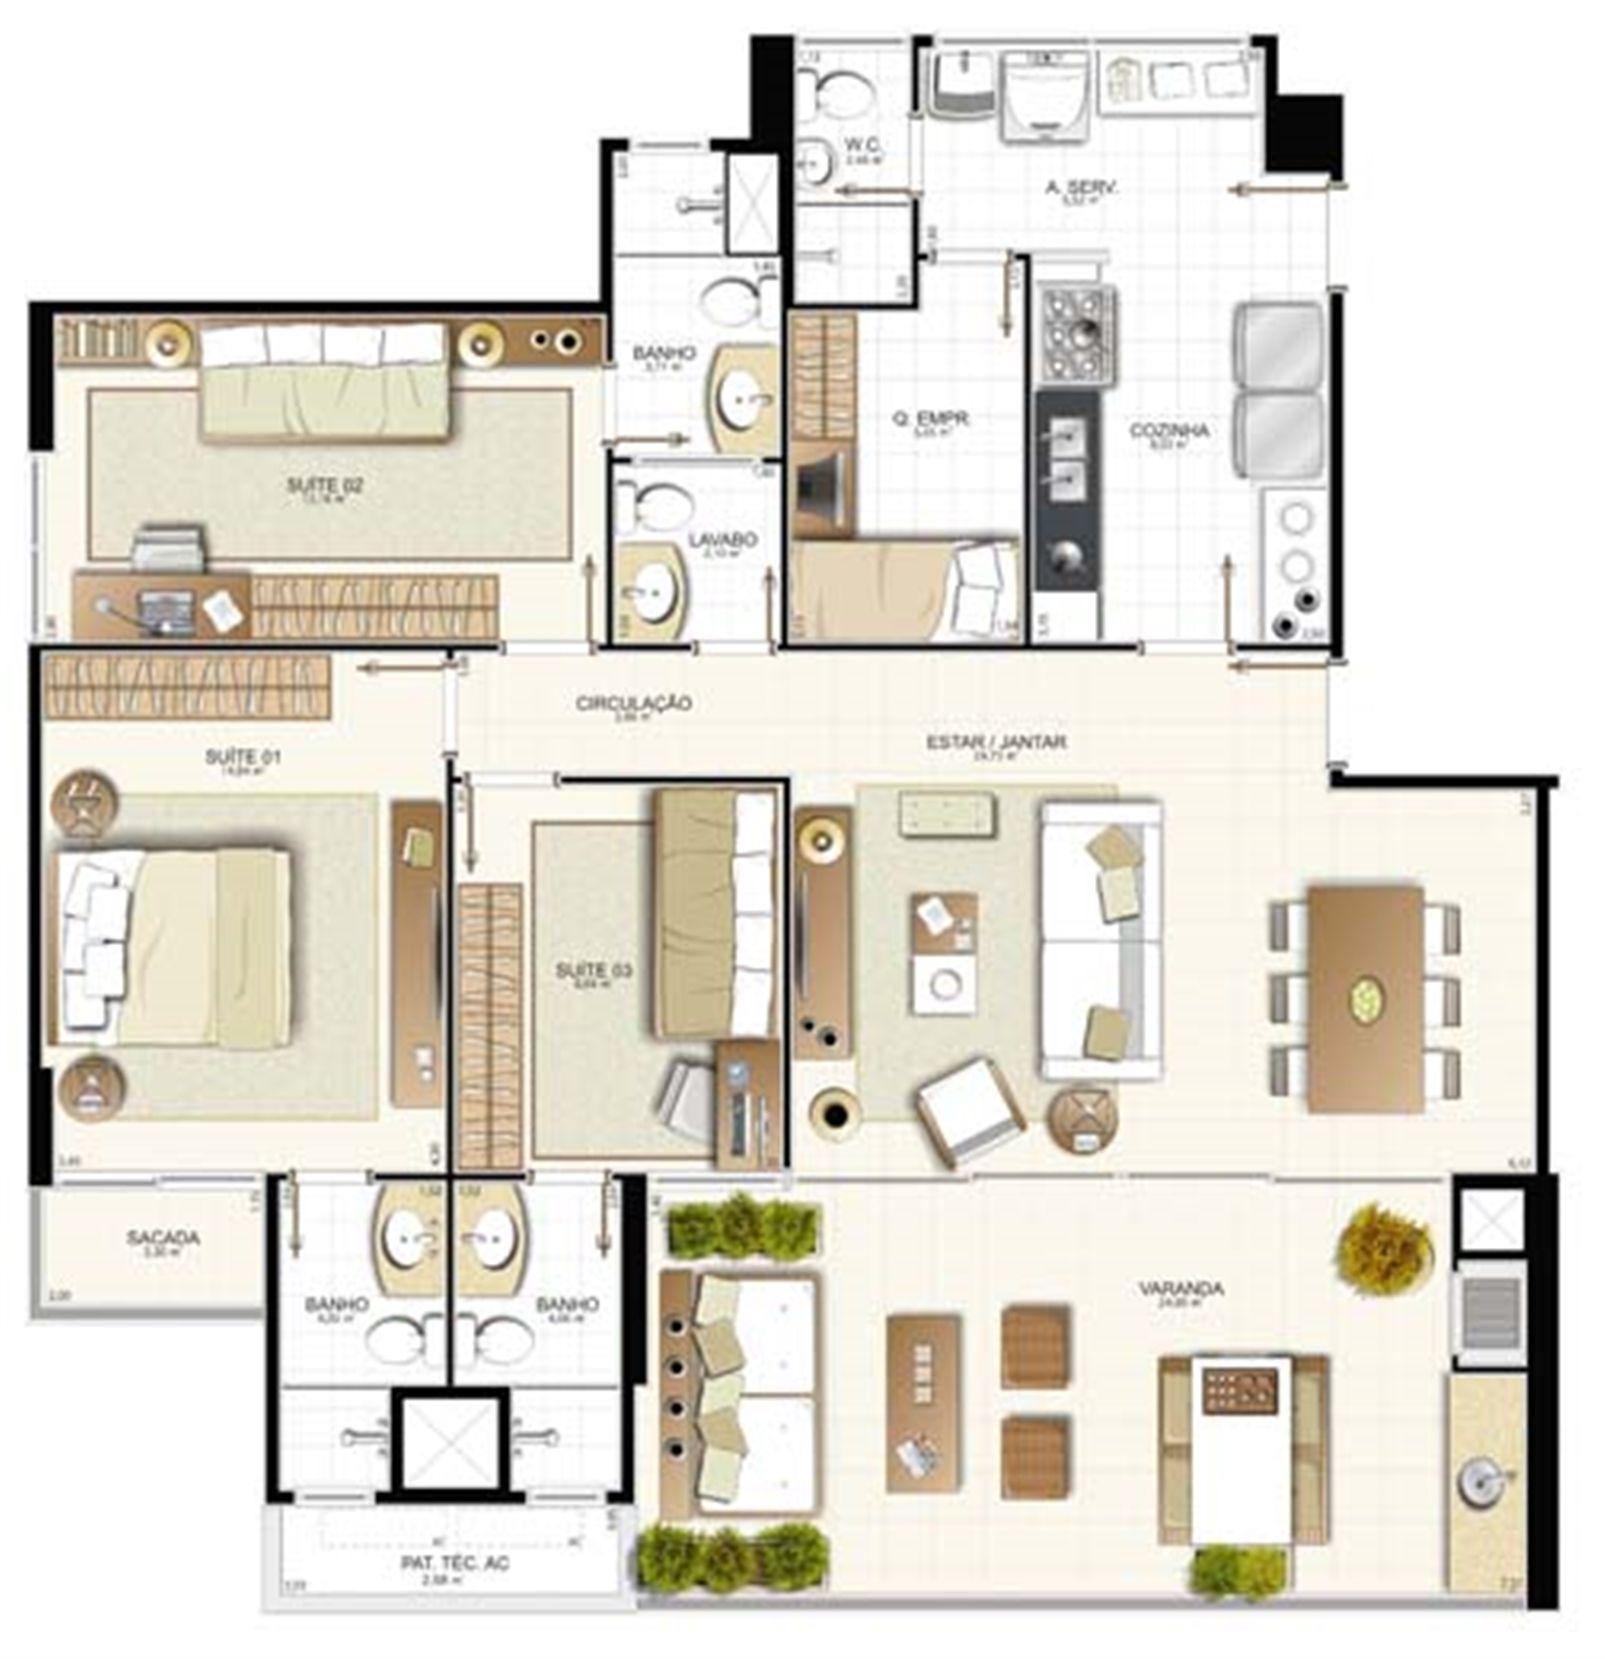 Planta 3 quartos - 129,49 m² | Provence Horto – Apartamentono  Horto Florestal - Salvador - Bahia